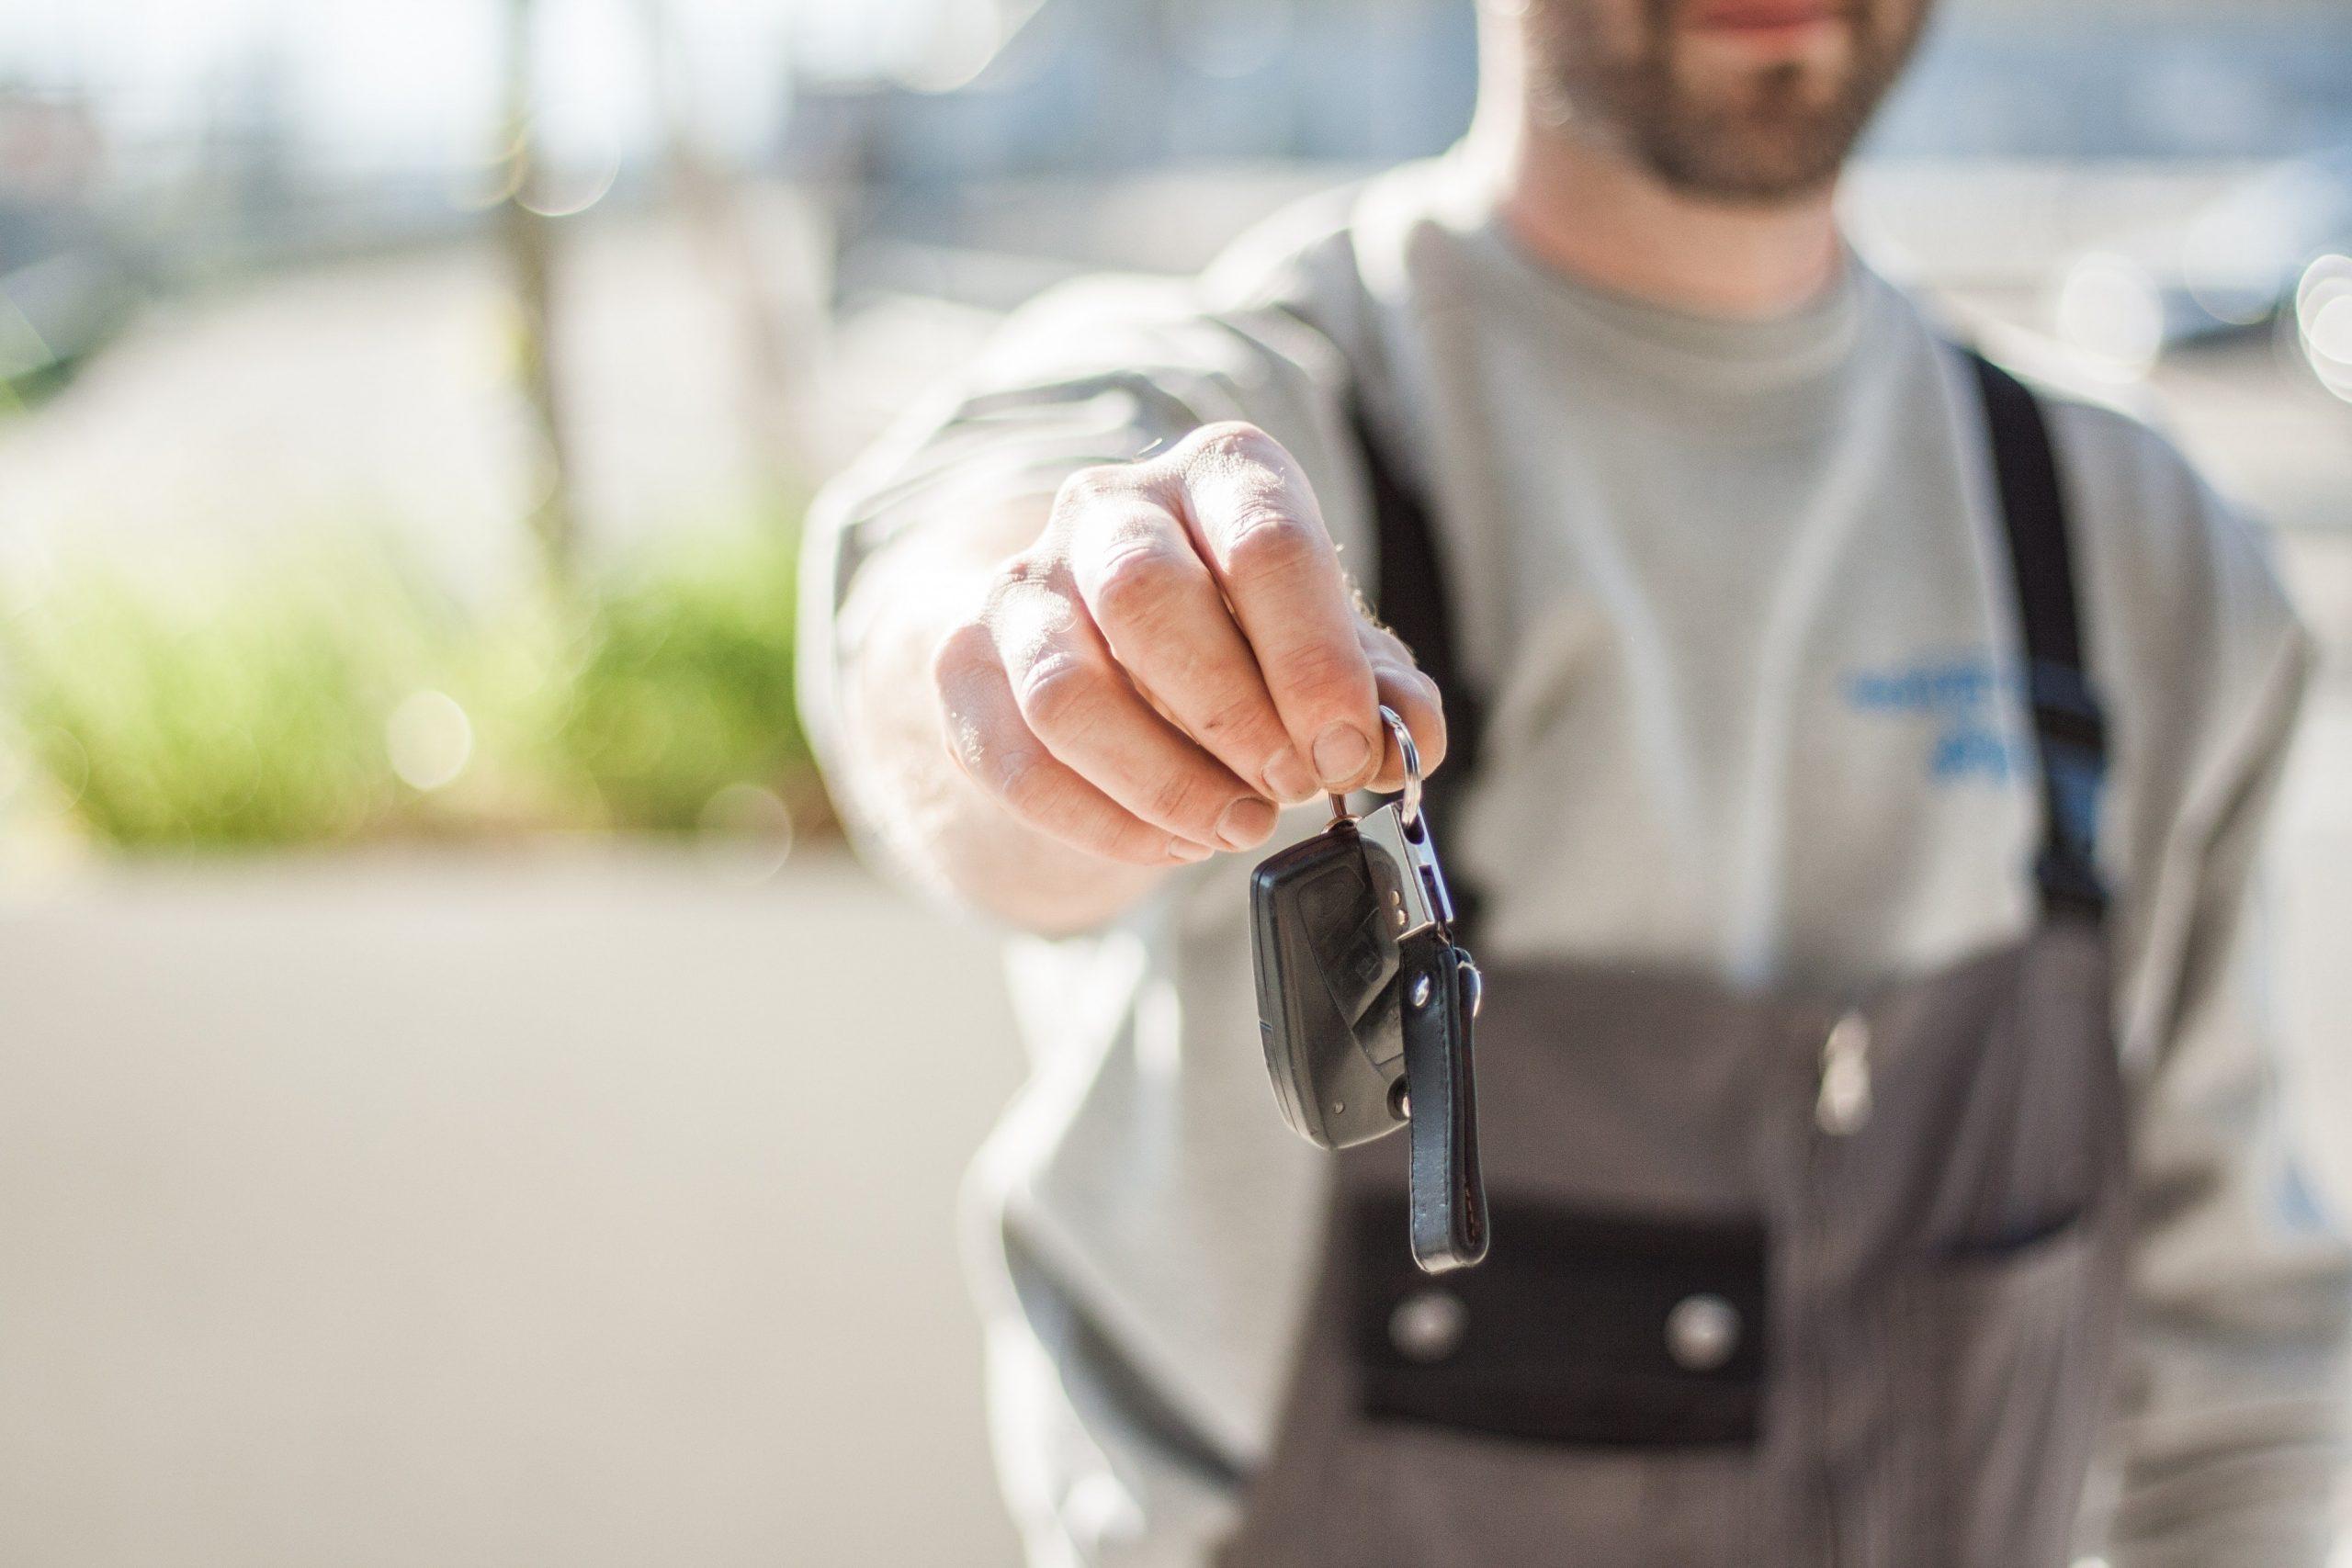 Автоключарски услуги от професионалисти – Komkeys е на Ваше разположение 24/7, Komkeys